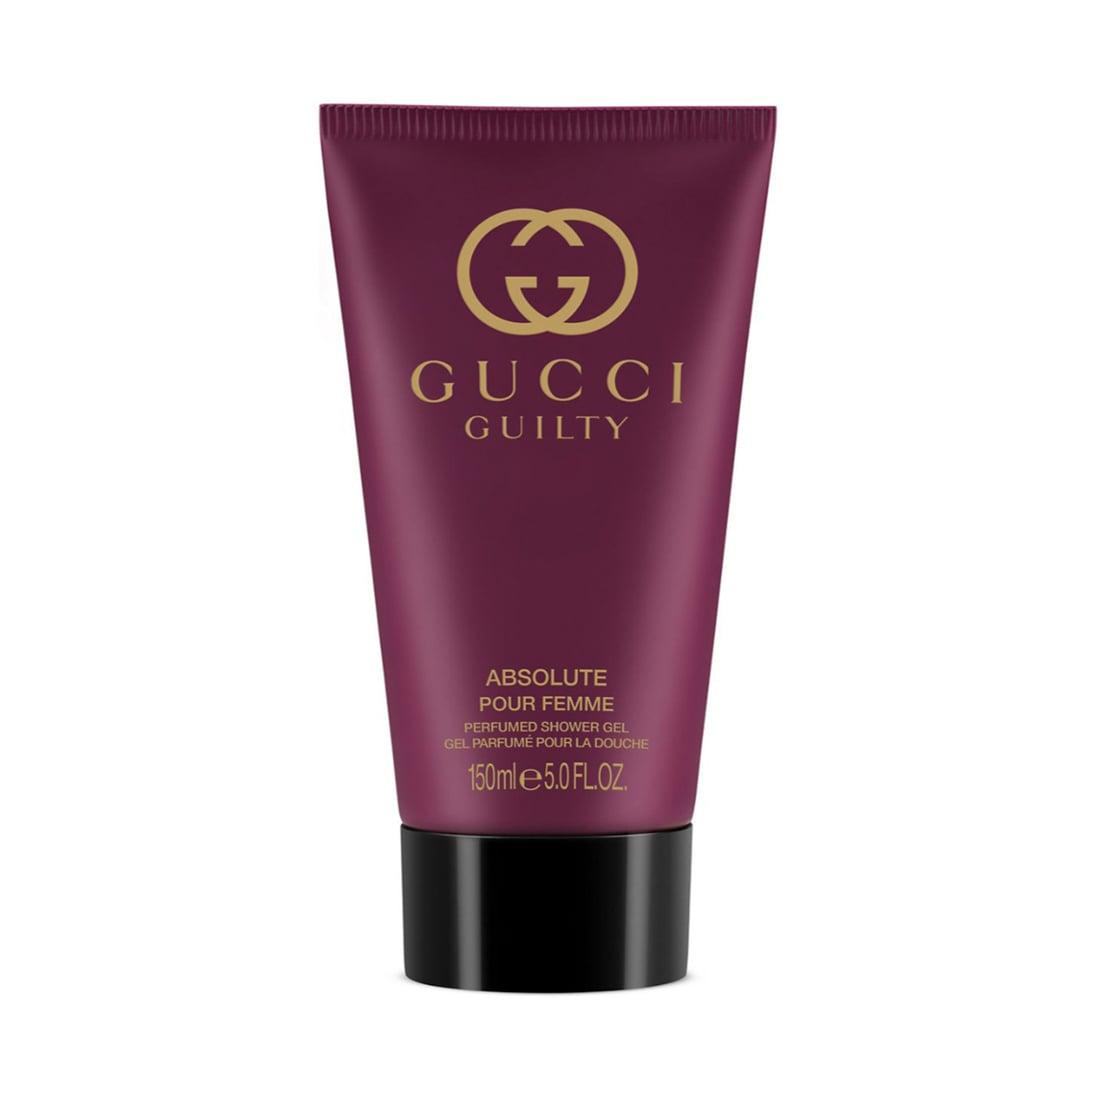 Gucci Guilty Absolute Femme Shower Gel 150ml